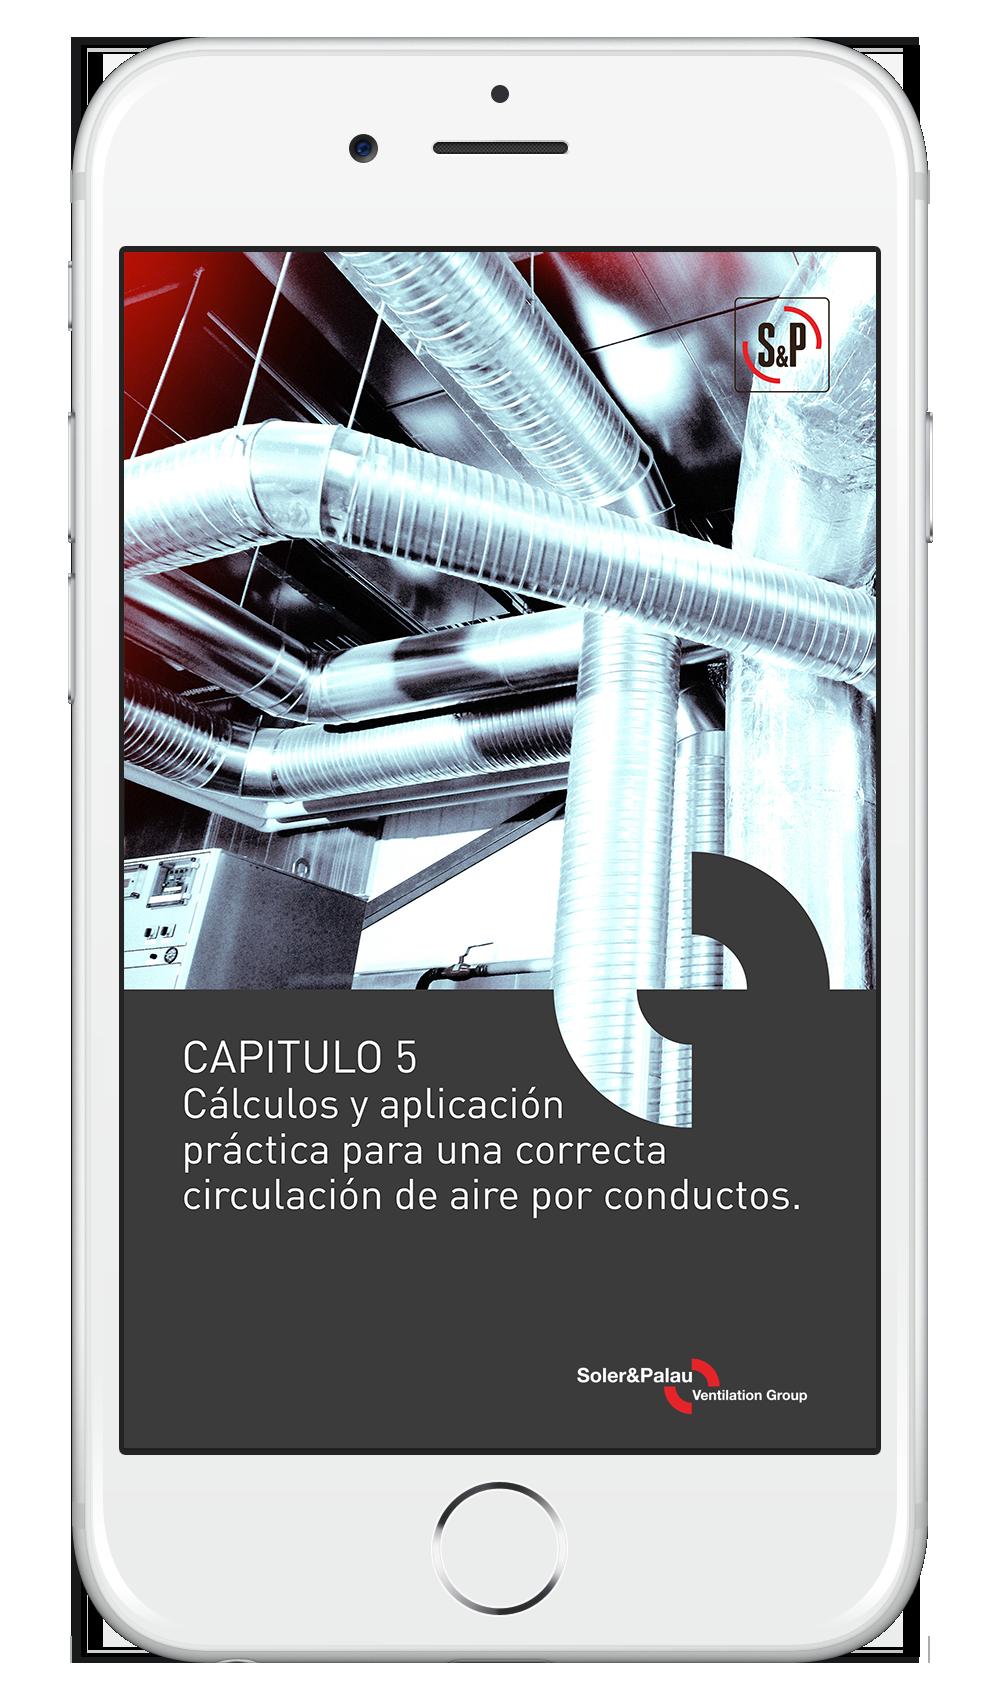 SPA_Mobil_sencer_Calculos_circulacion_conductos.png